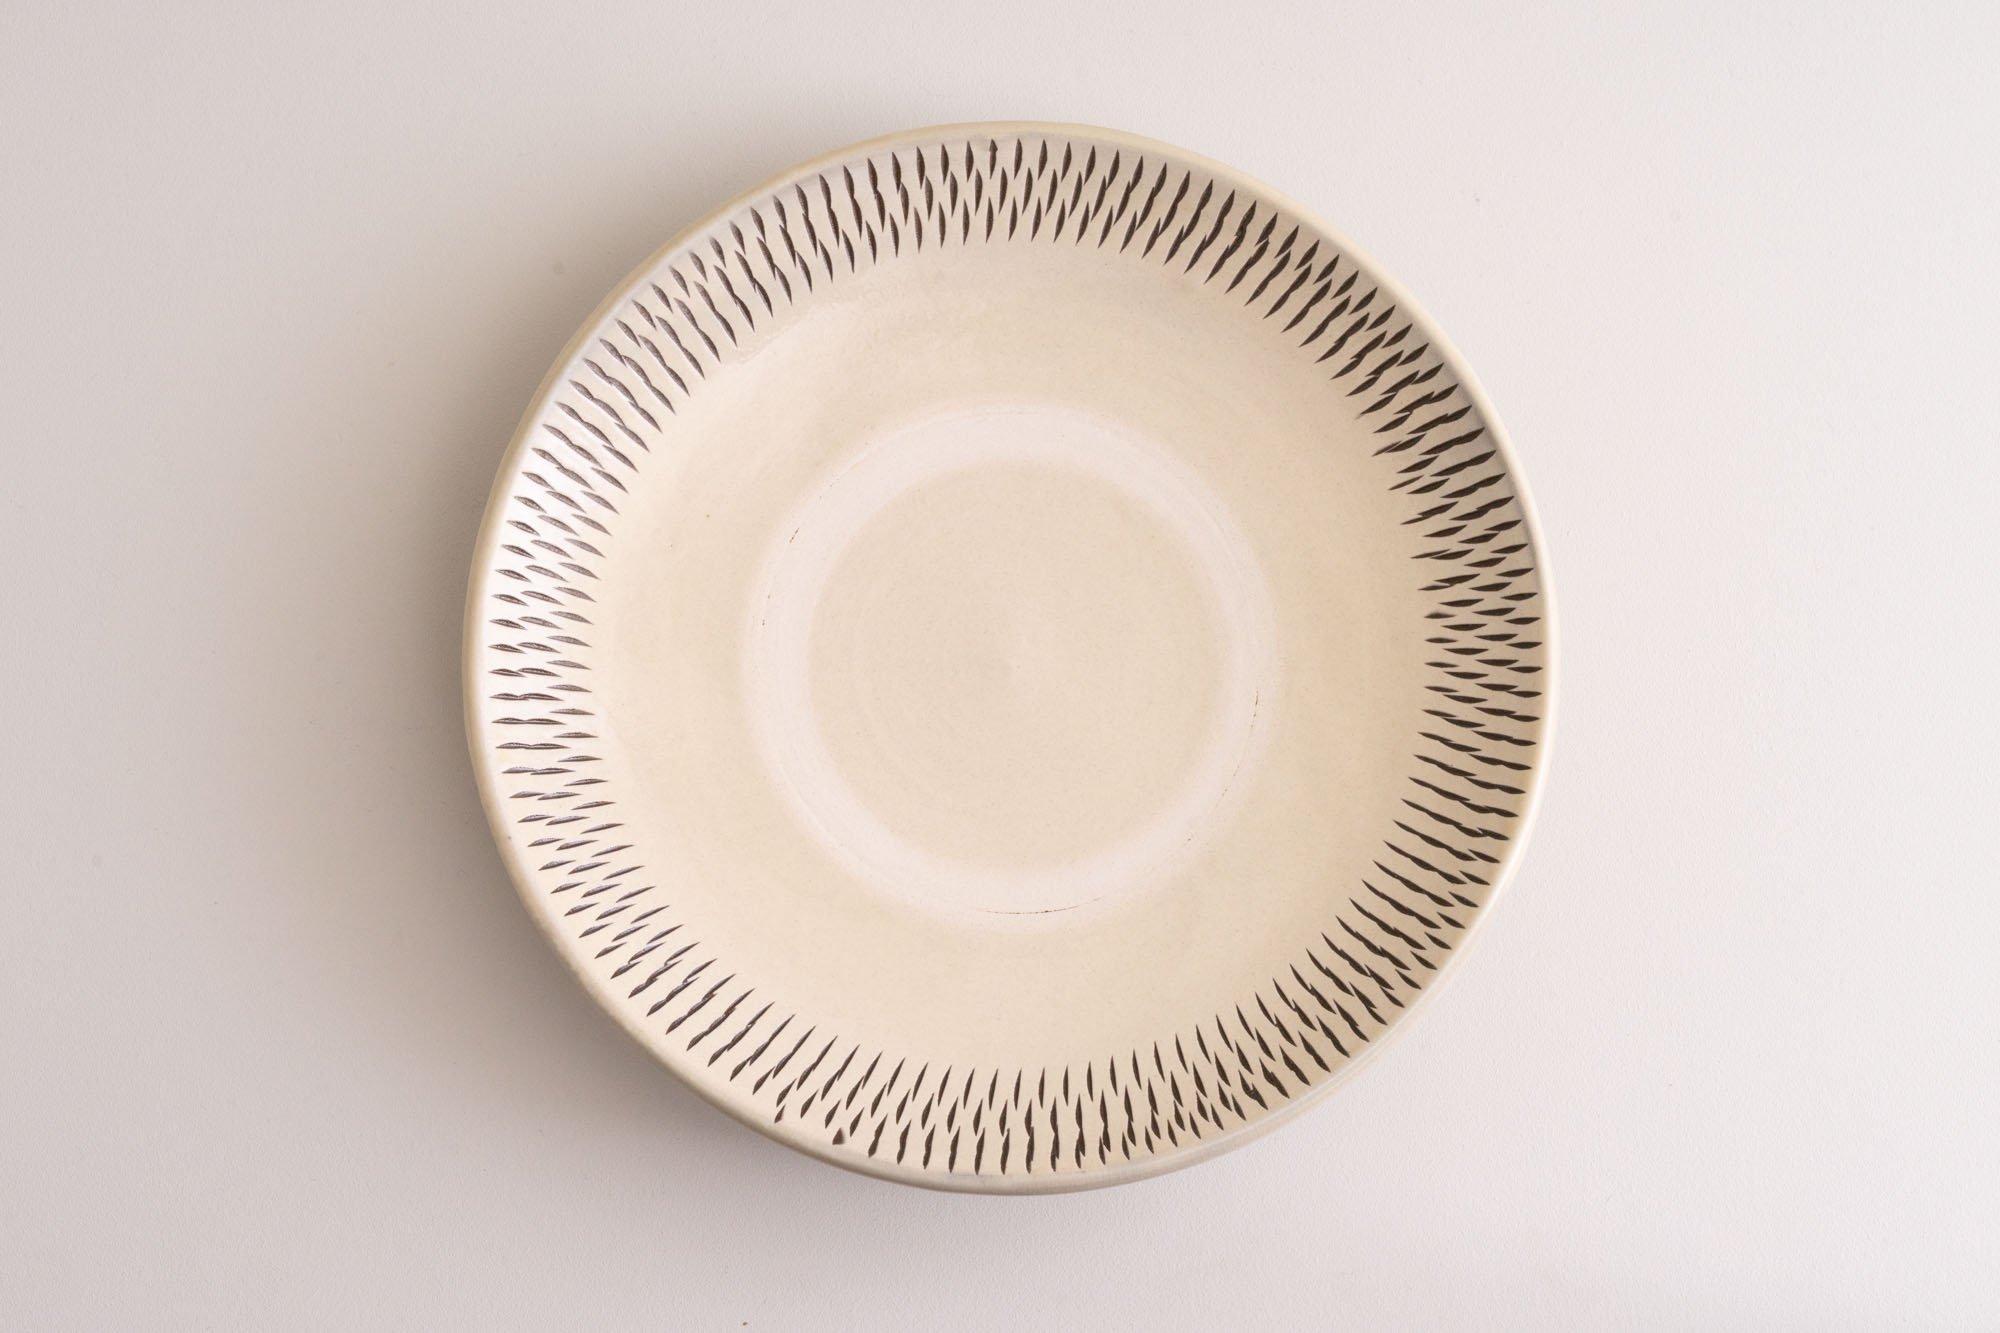 8寸皿(飛びかんな)